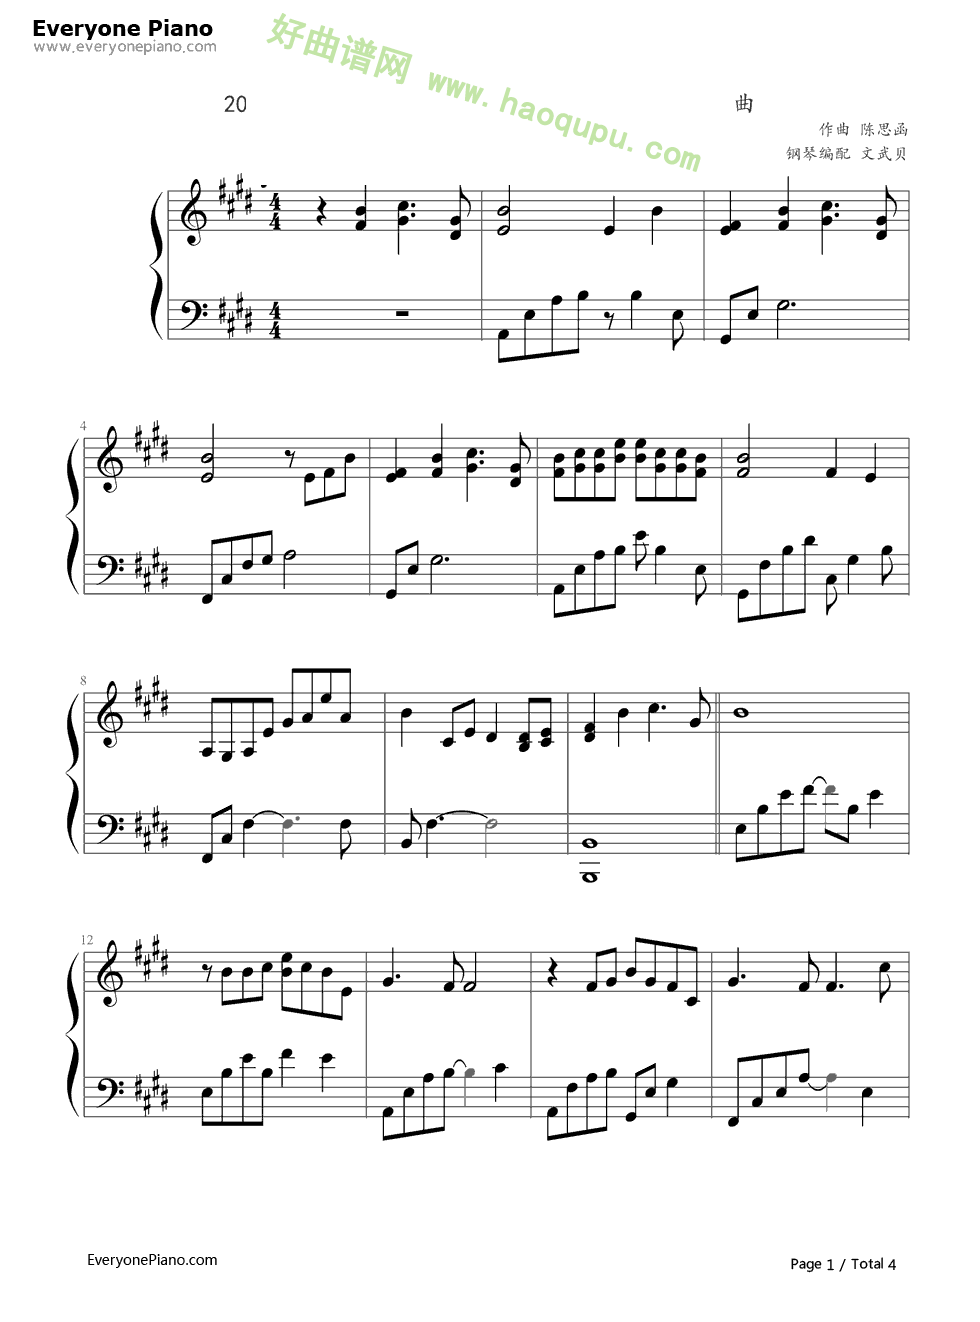 回家的路 刘德华演唱 失孤 主题曲 钢琴谱